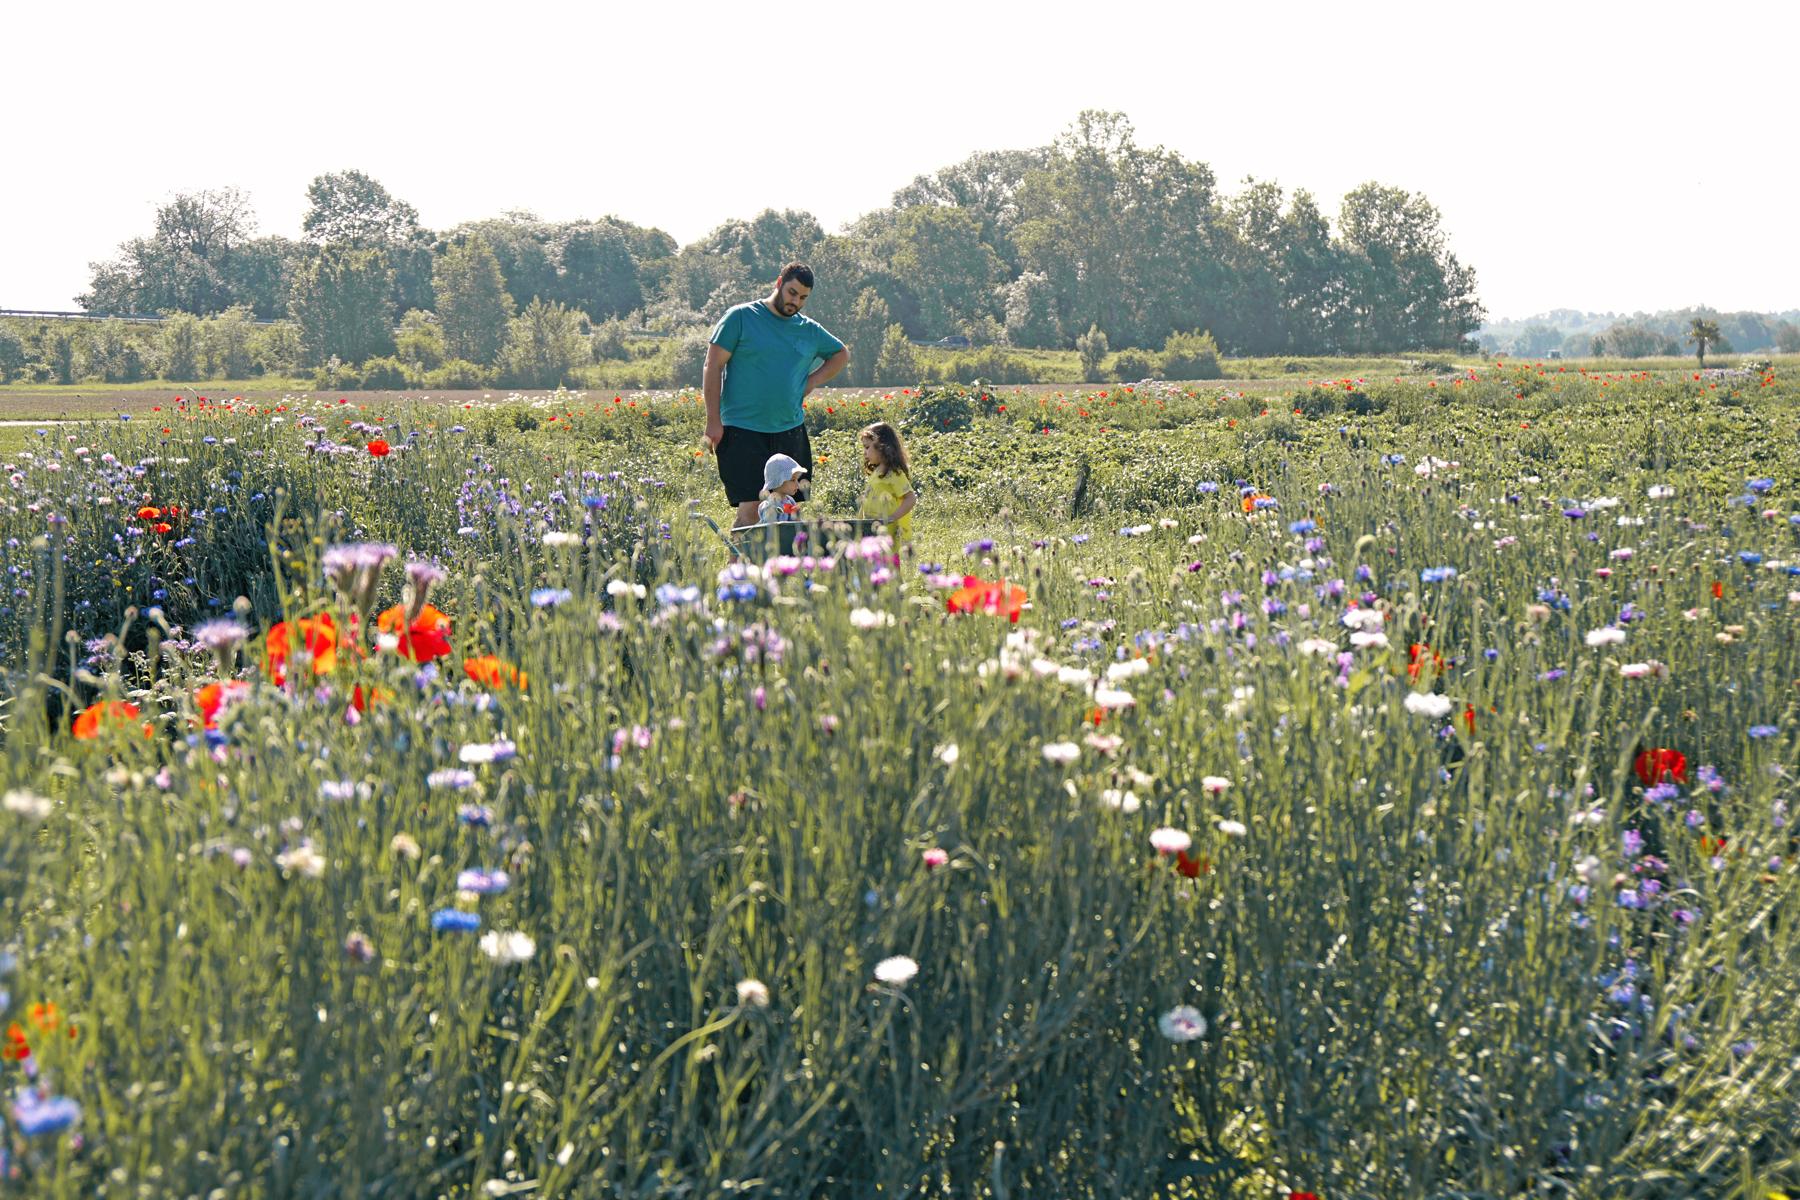 Famille dans un champs de fleurs à Fraisochamps, Thil